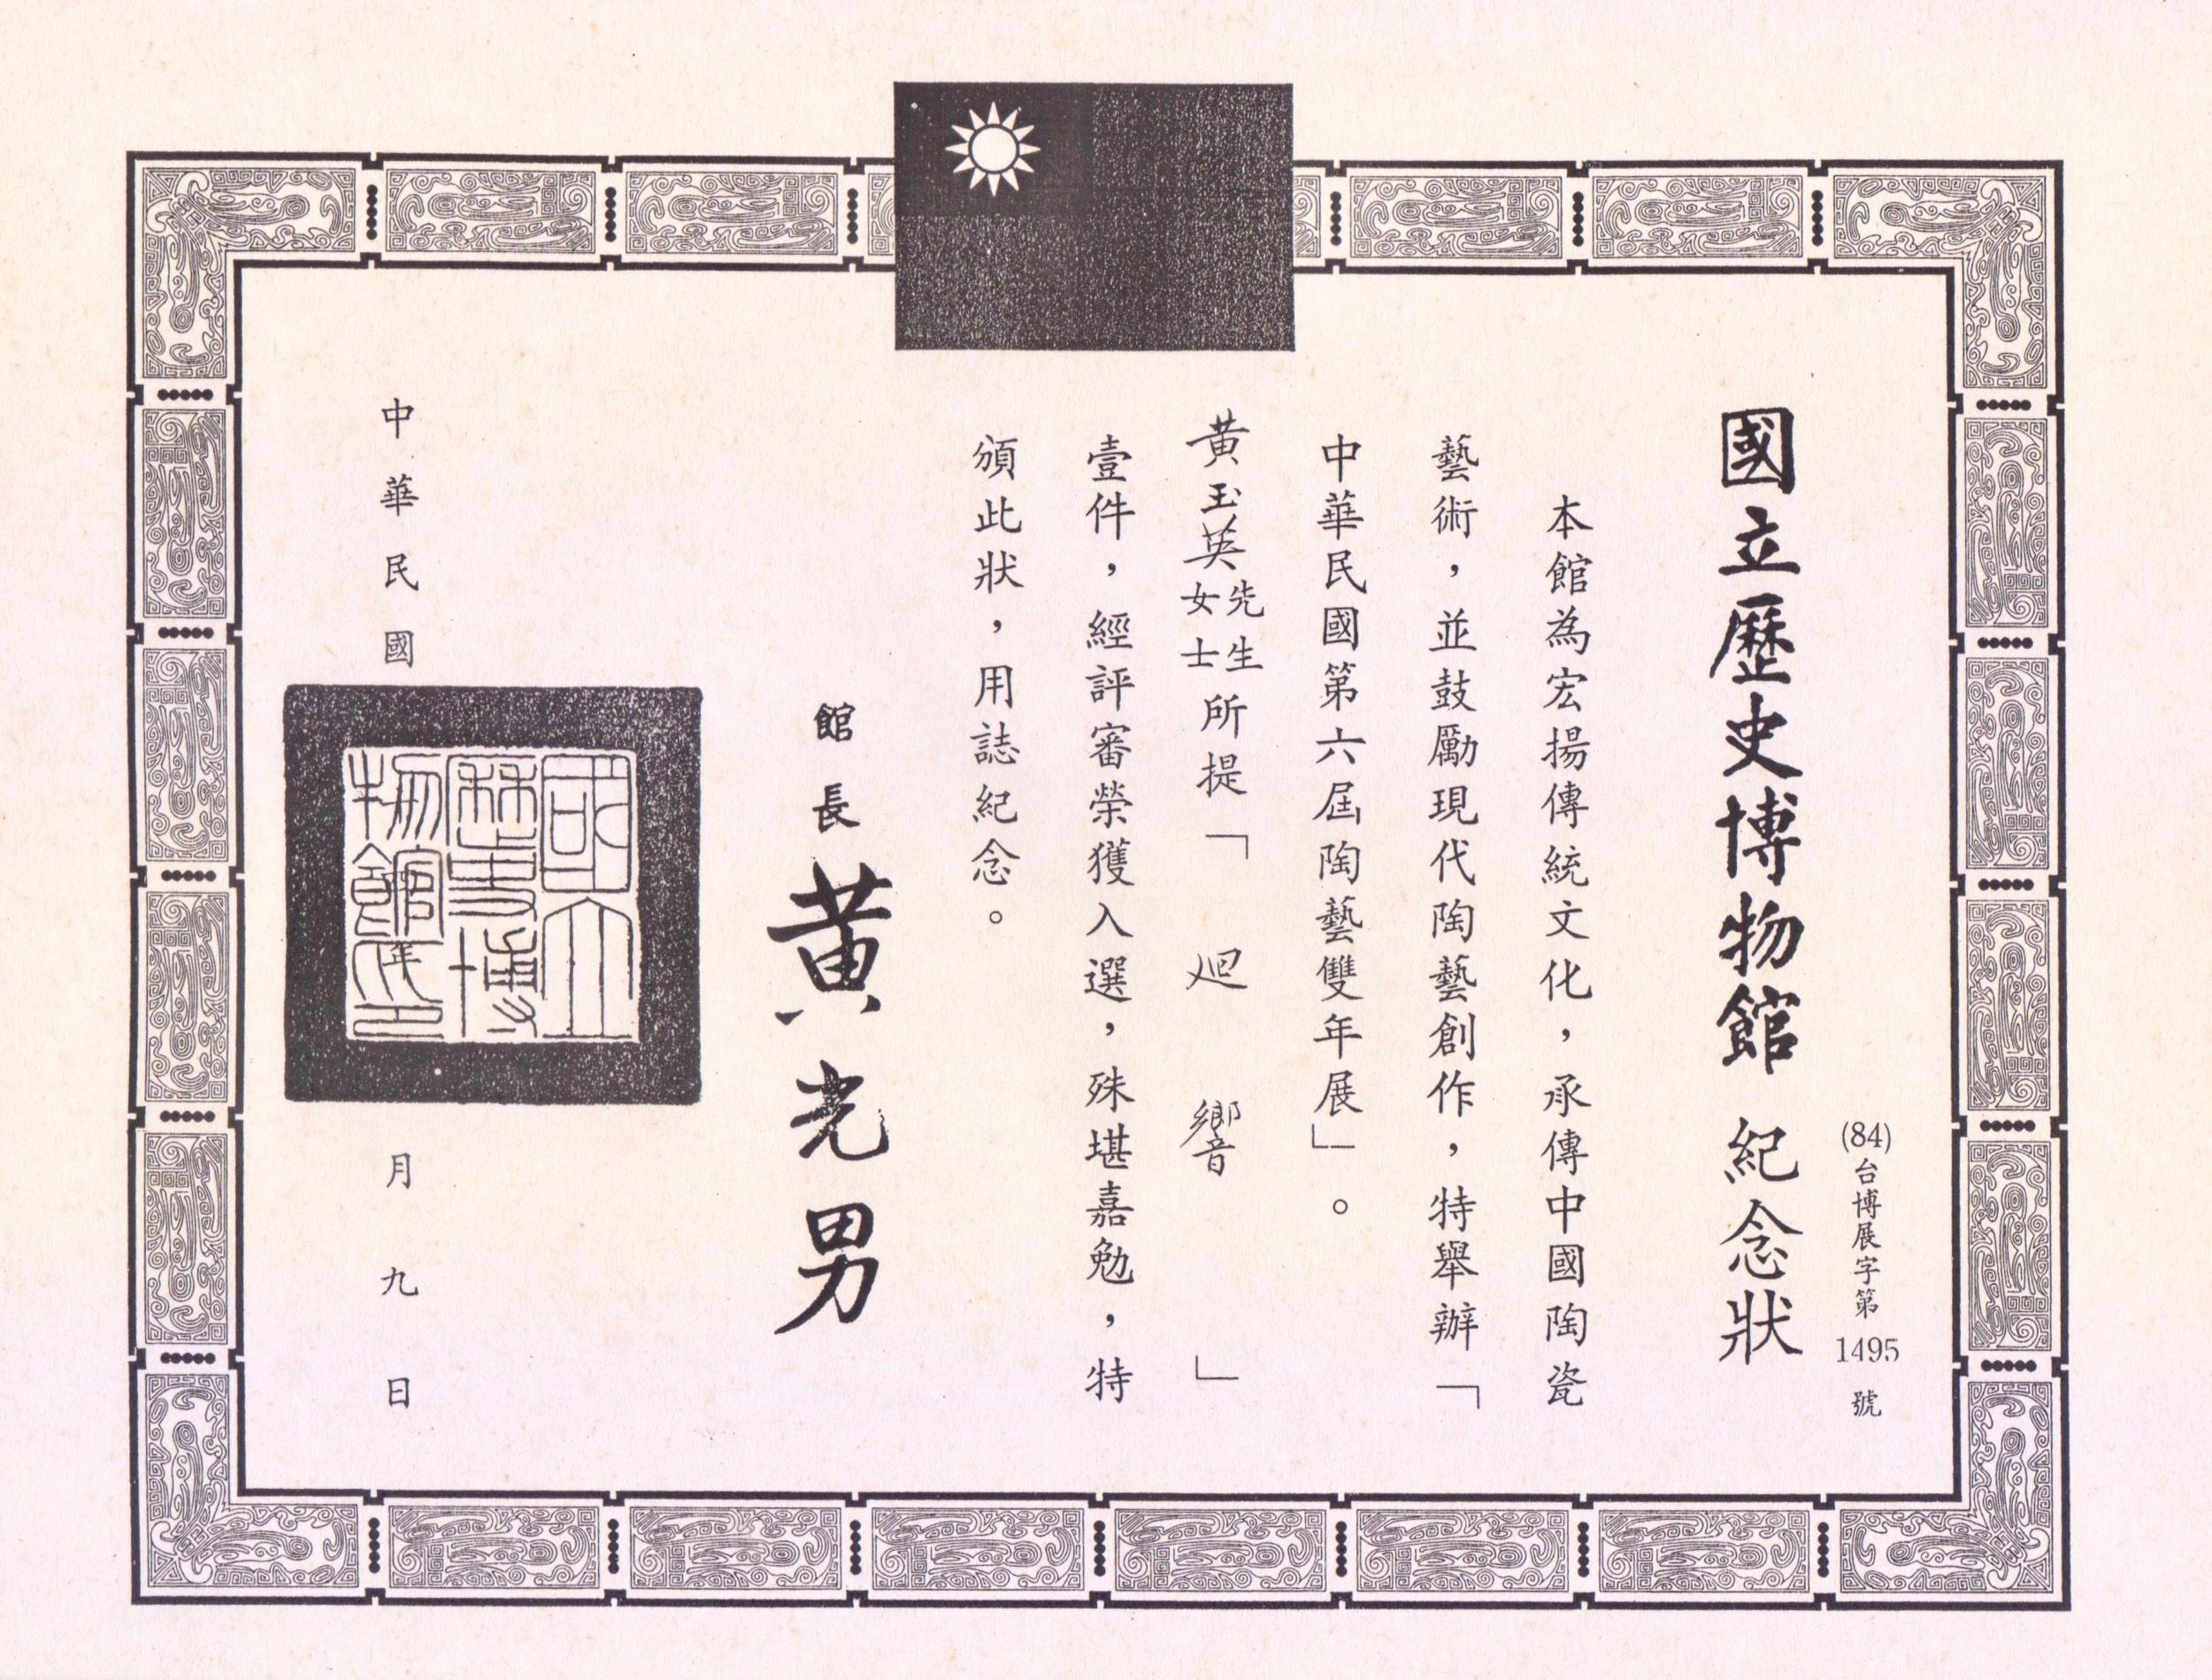 陶藝雙年展入選展於歷史博物館.jpeg